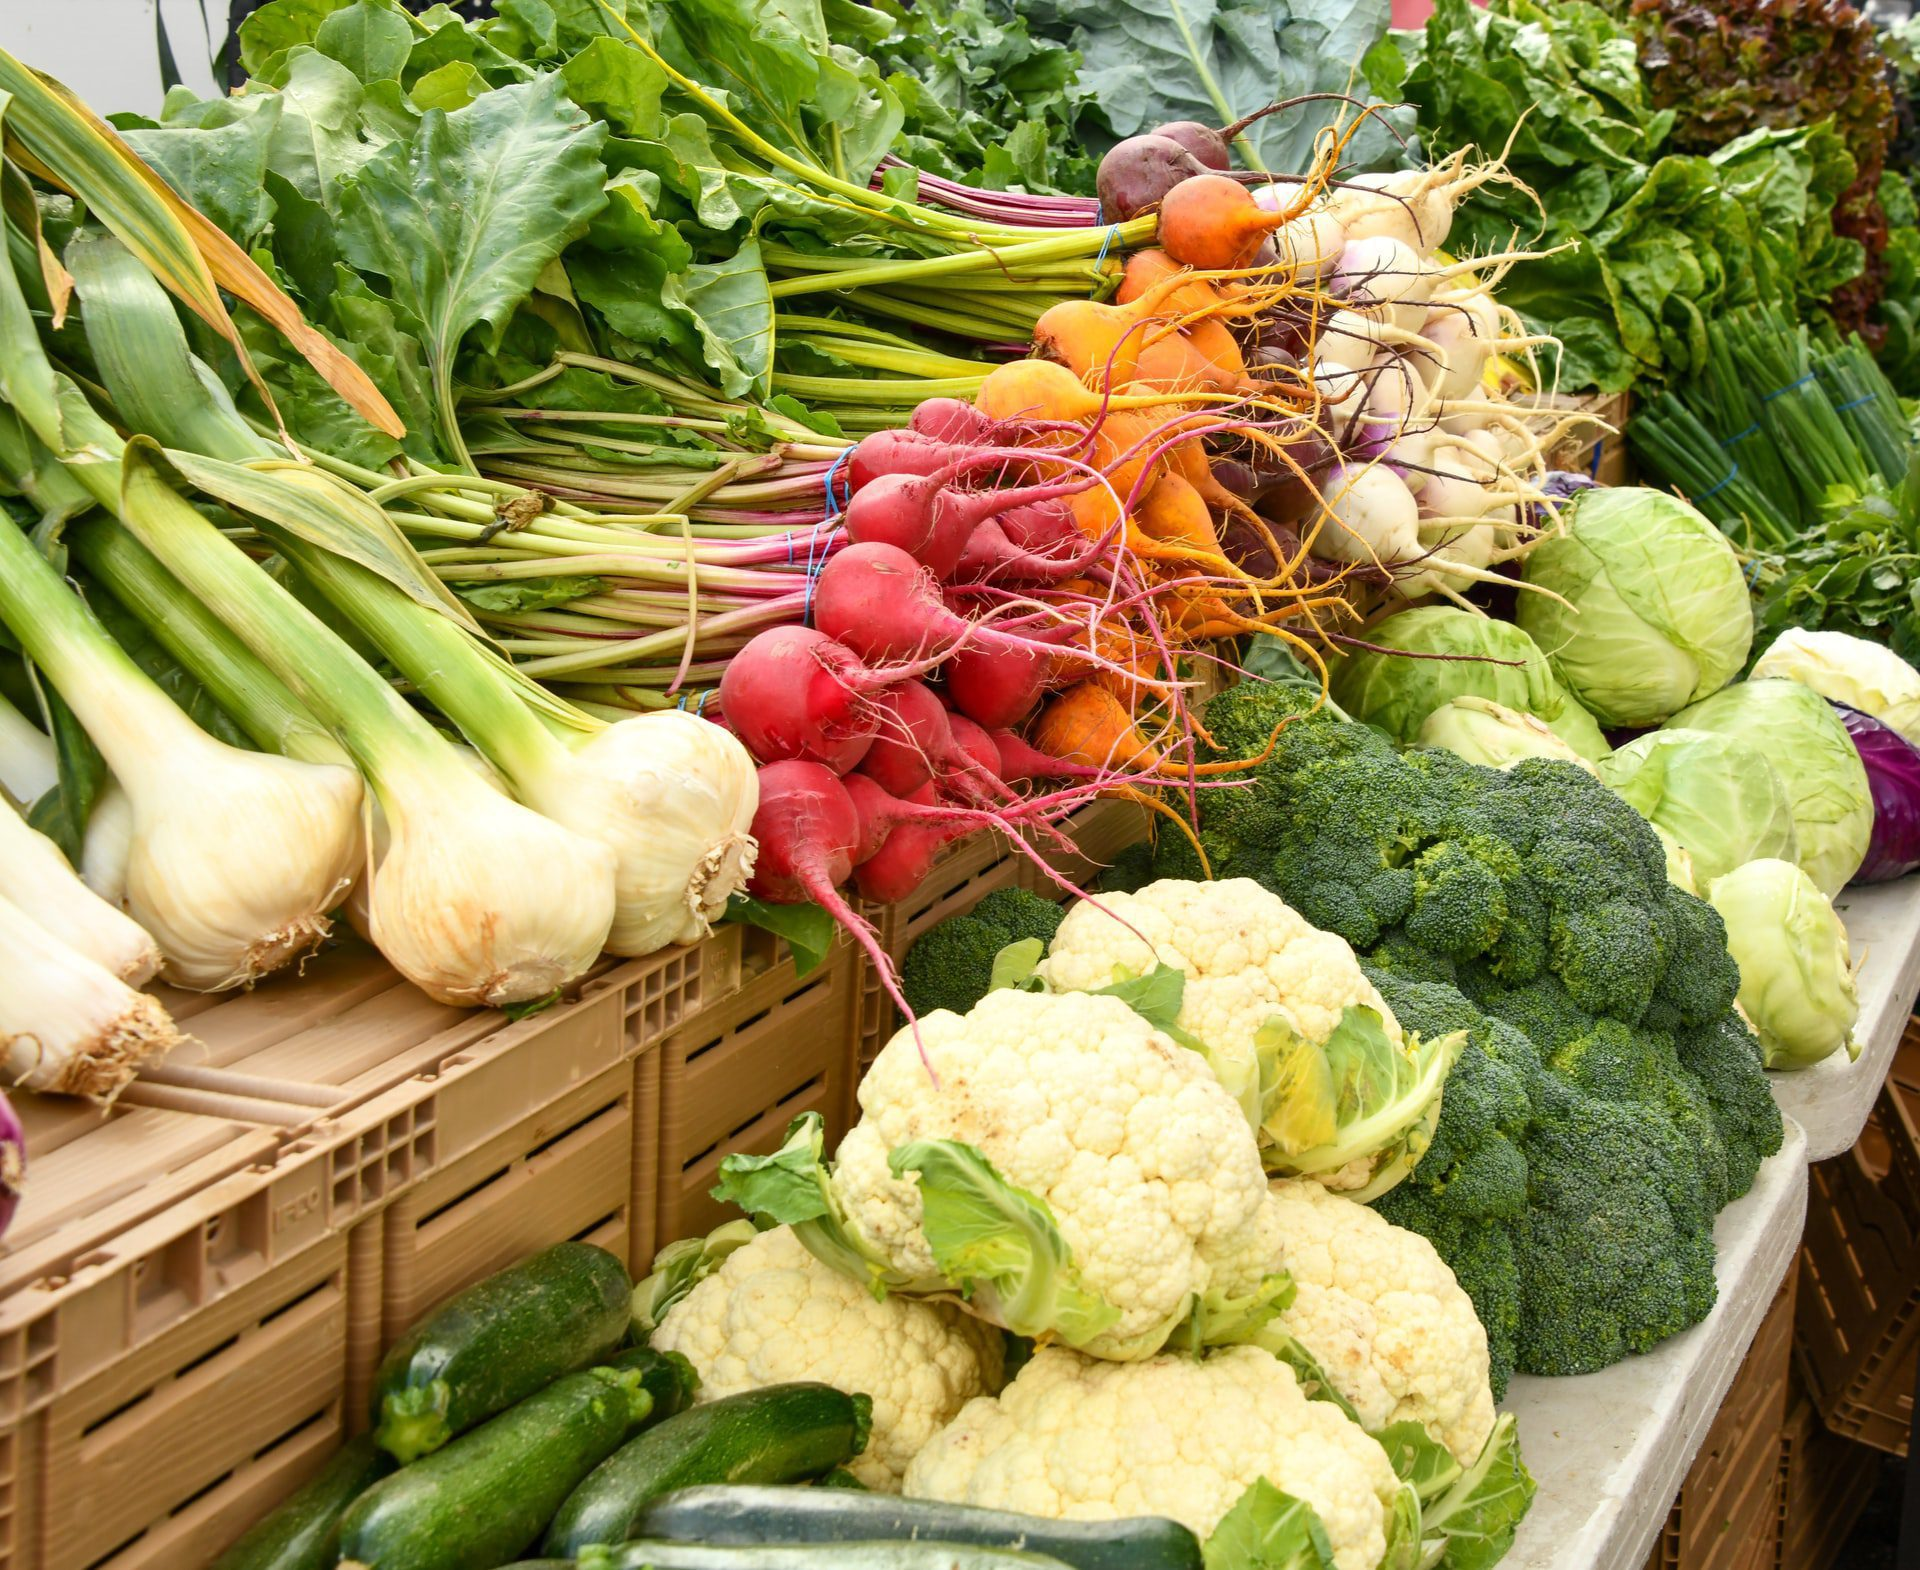 Farmers Market San Diego